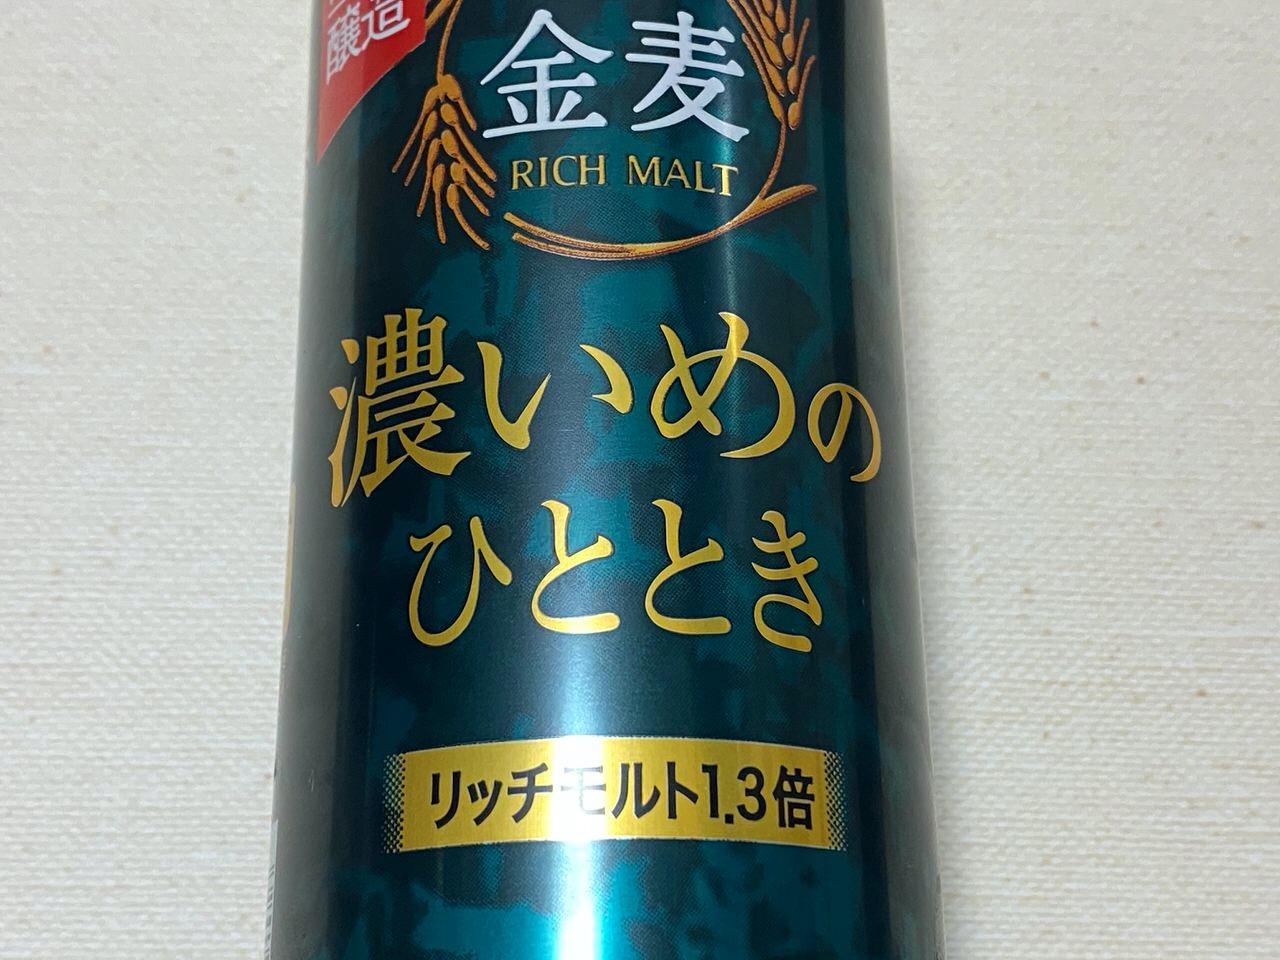 リッチモルト1.3倍「金麦〈濃いめのひととき〉」美味い?まずい?これは濃い!